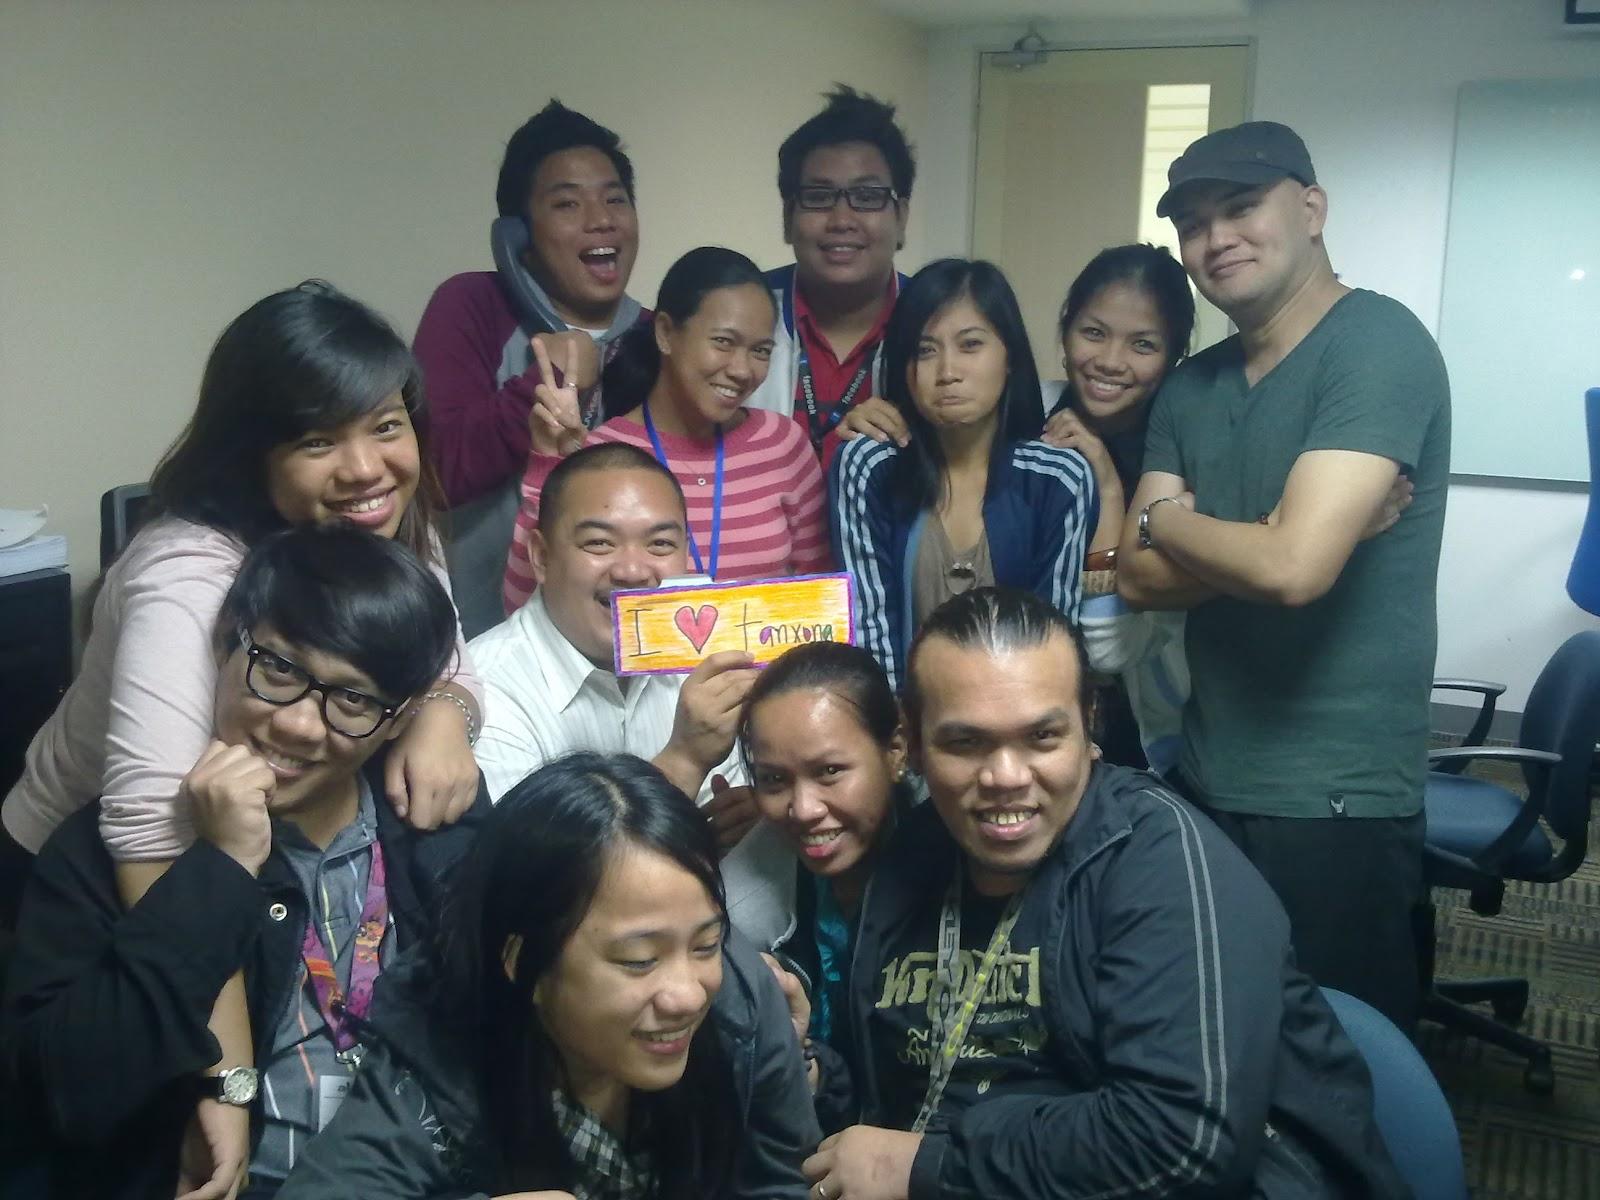 Pinoy Indie Film Full Movie http://jonathanorbuda.blogspot.com/2012/05